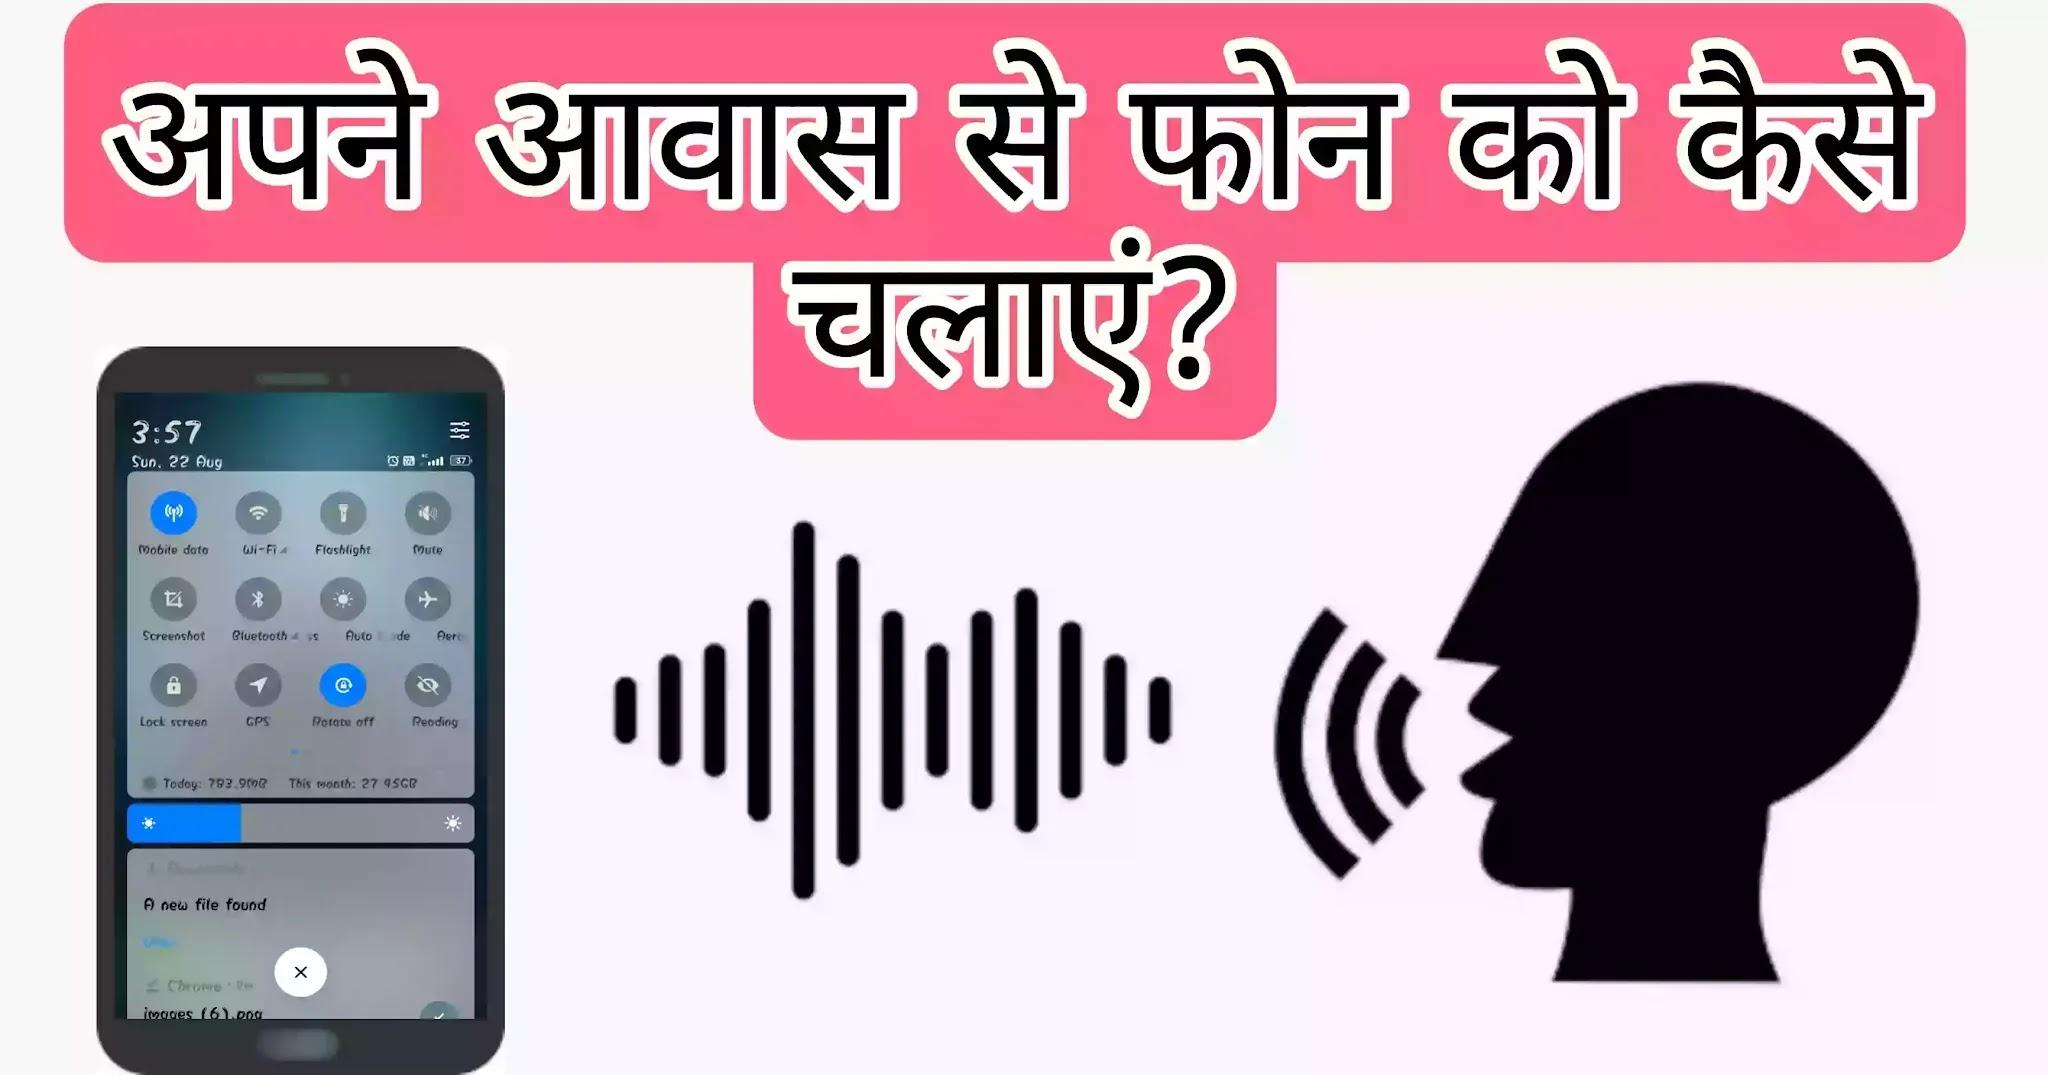 अपने-आवाज-से-फोन-को-कंट्रोल-कैसे-करें?